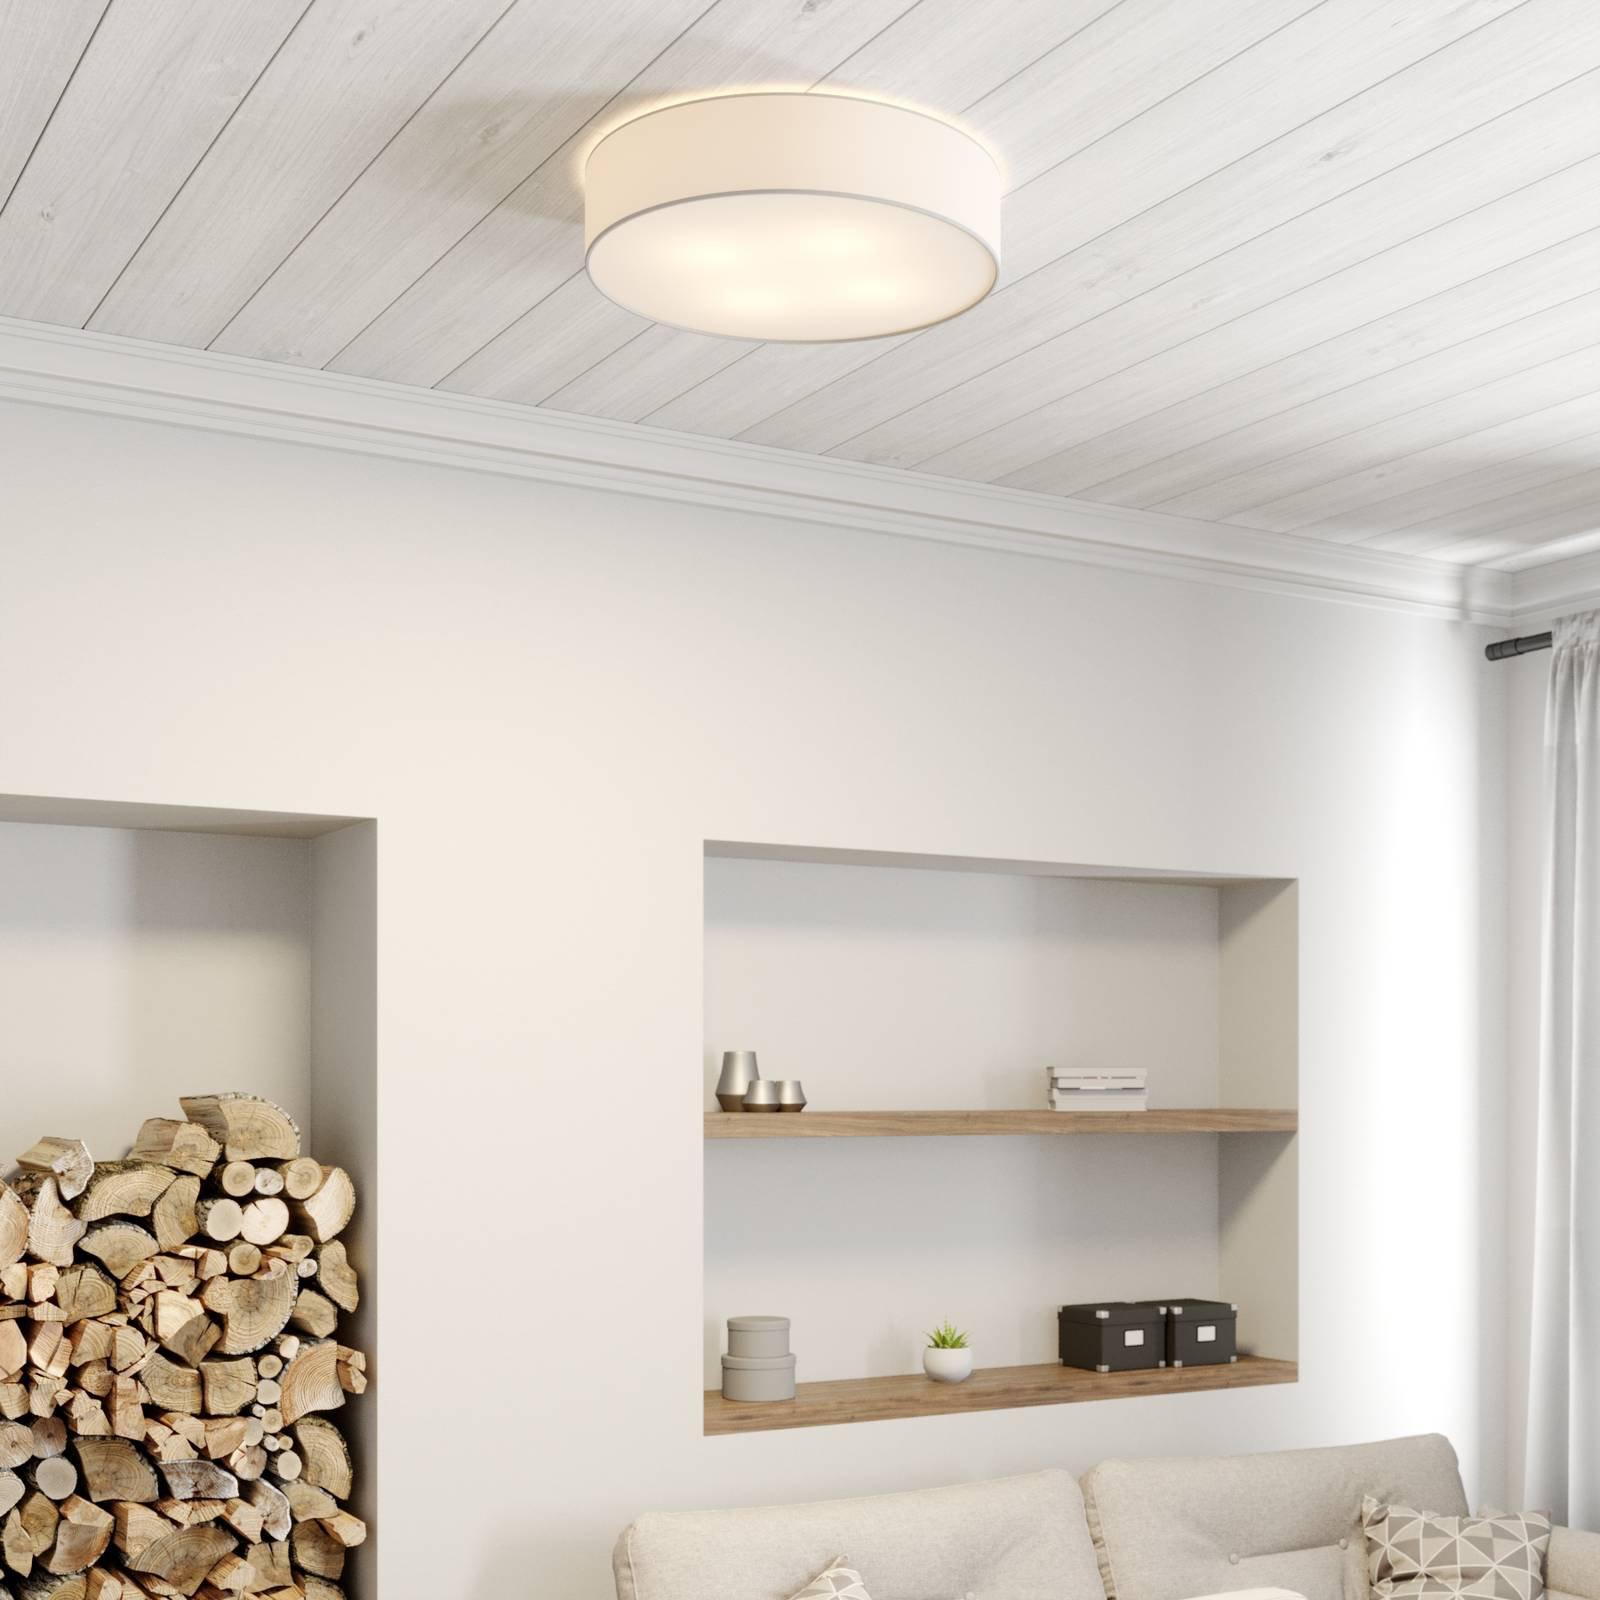 Taklampe Cassy med blende, hvit, Ø 58 cm